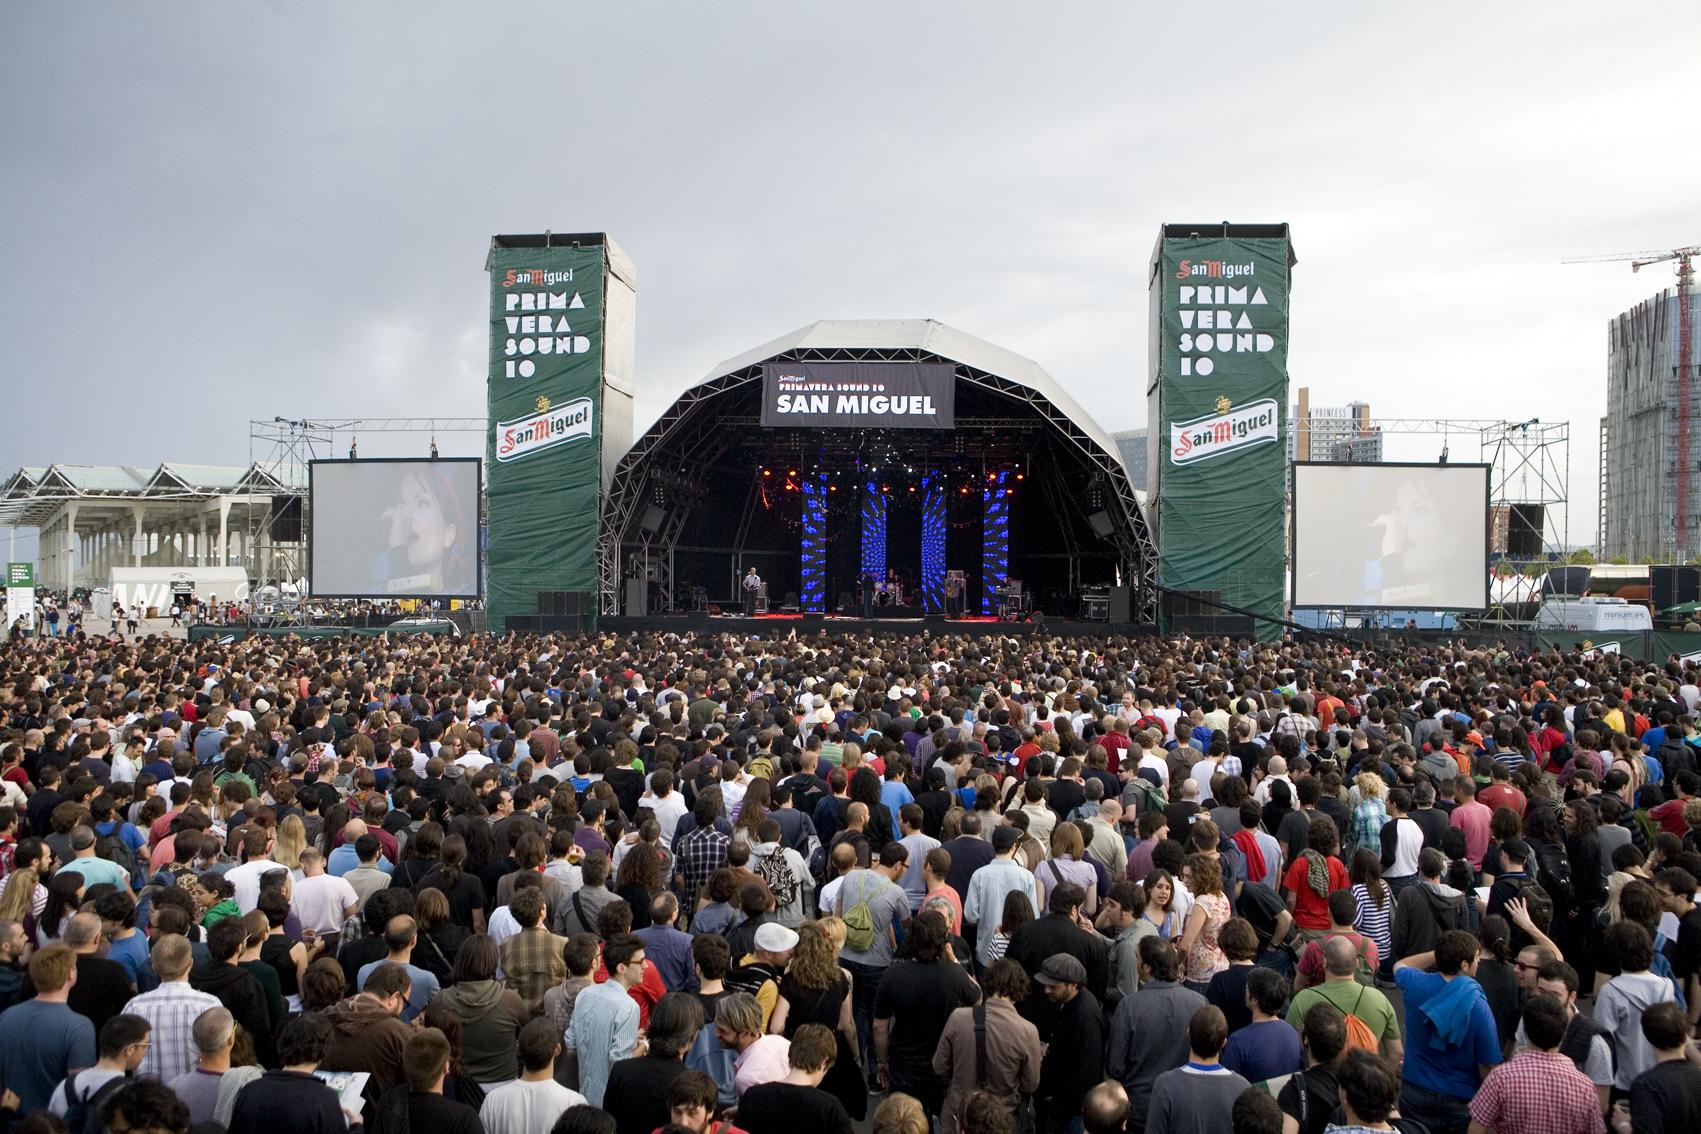 Festivales 2012: ordenando criterios